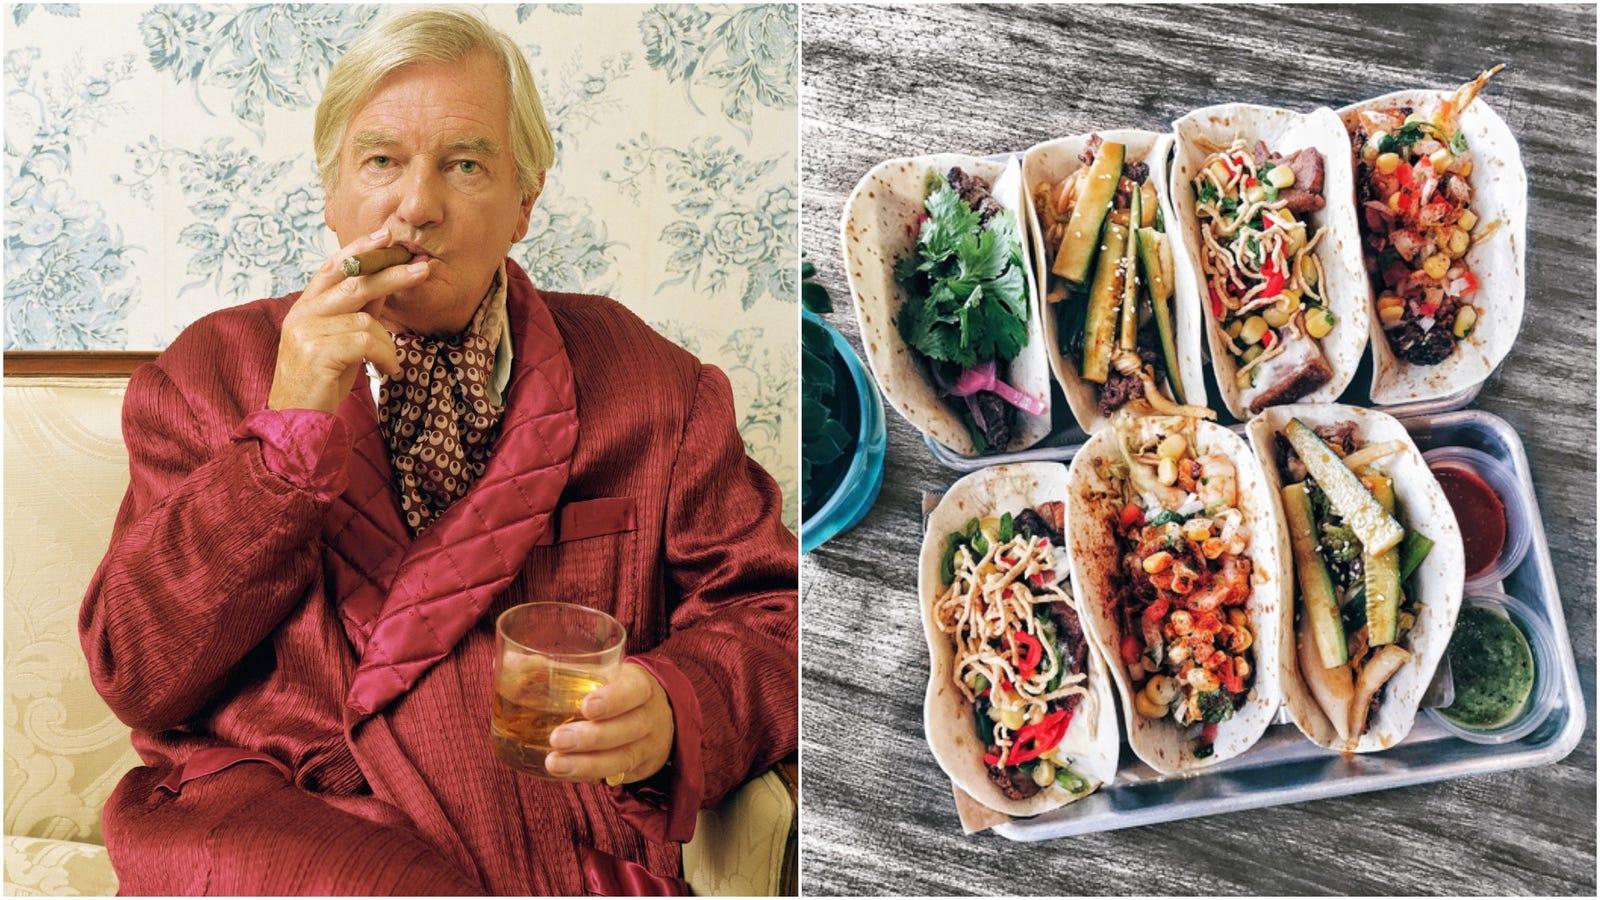 What do $180 tacos get you?